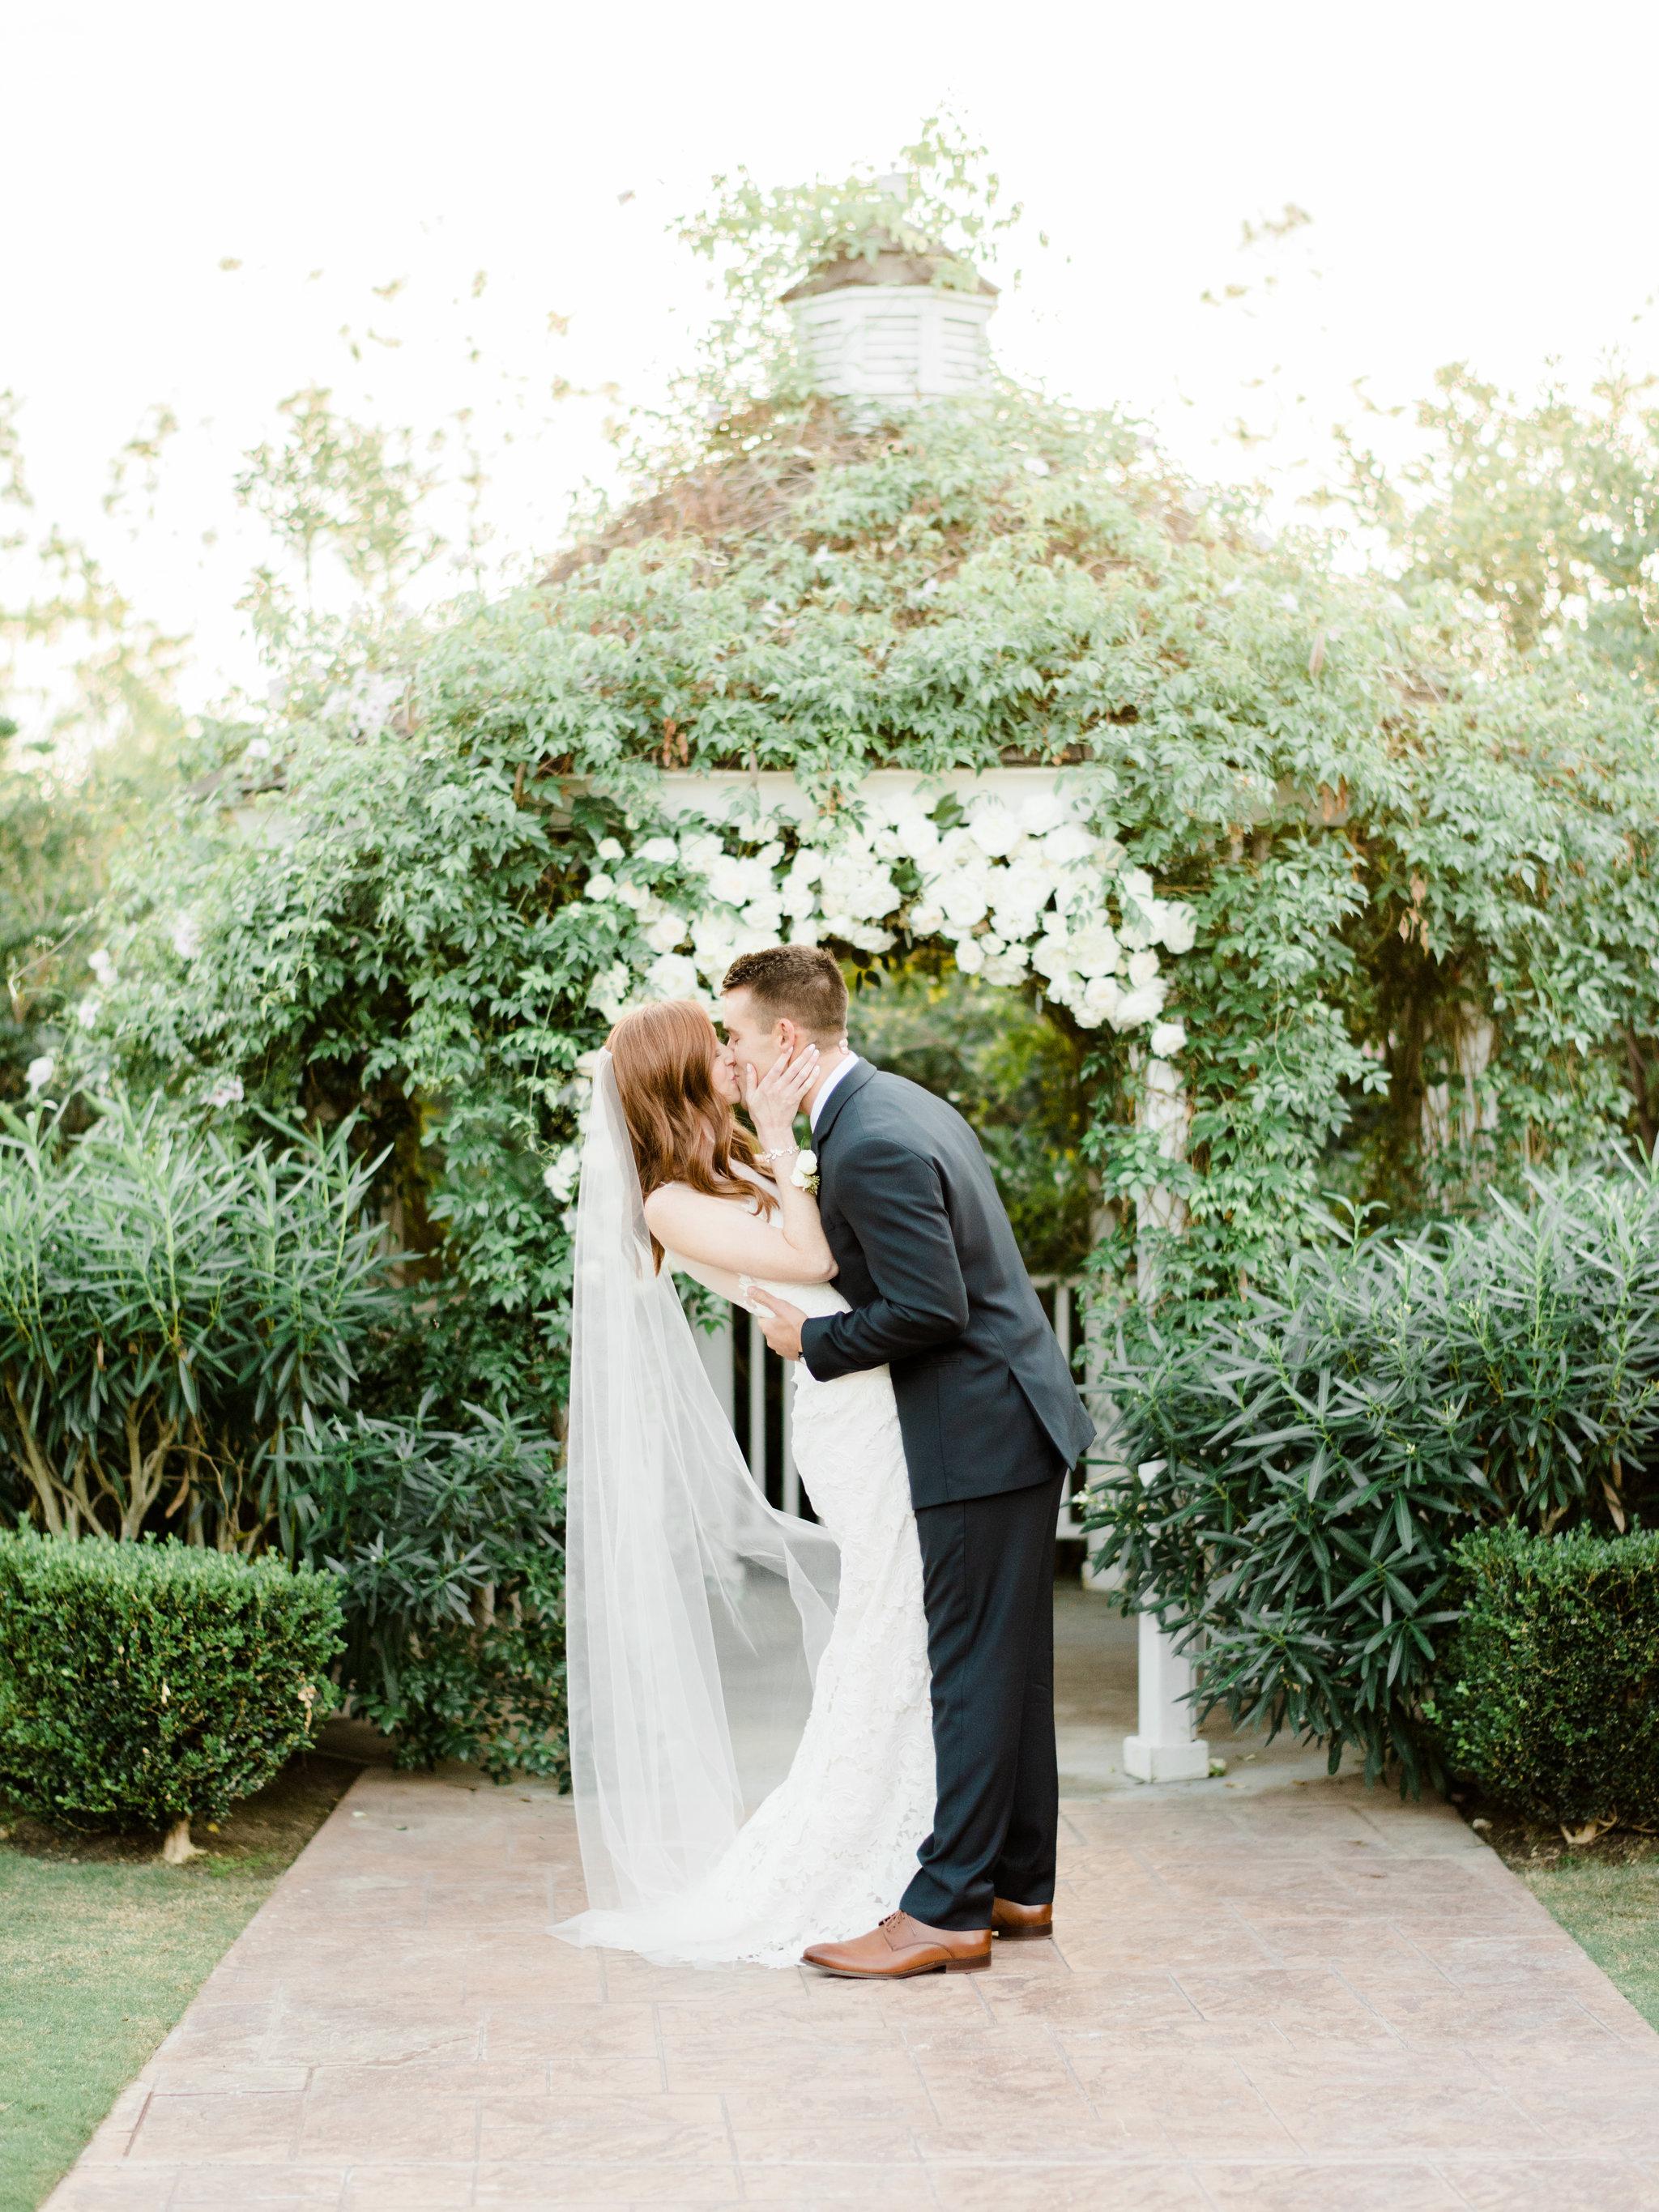 laurenandjake-wedding-895.jpg